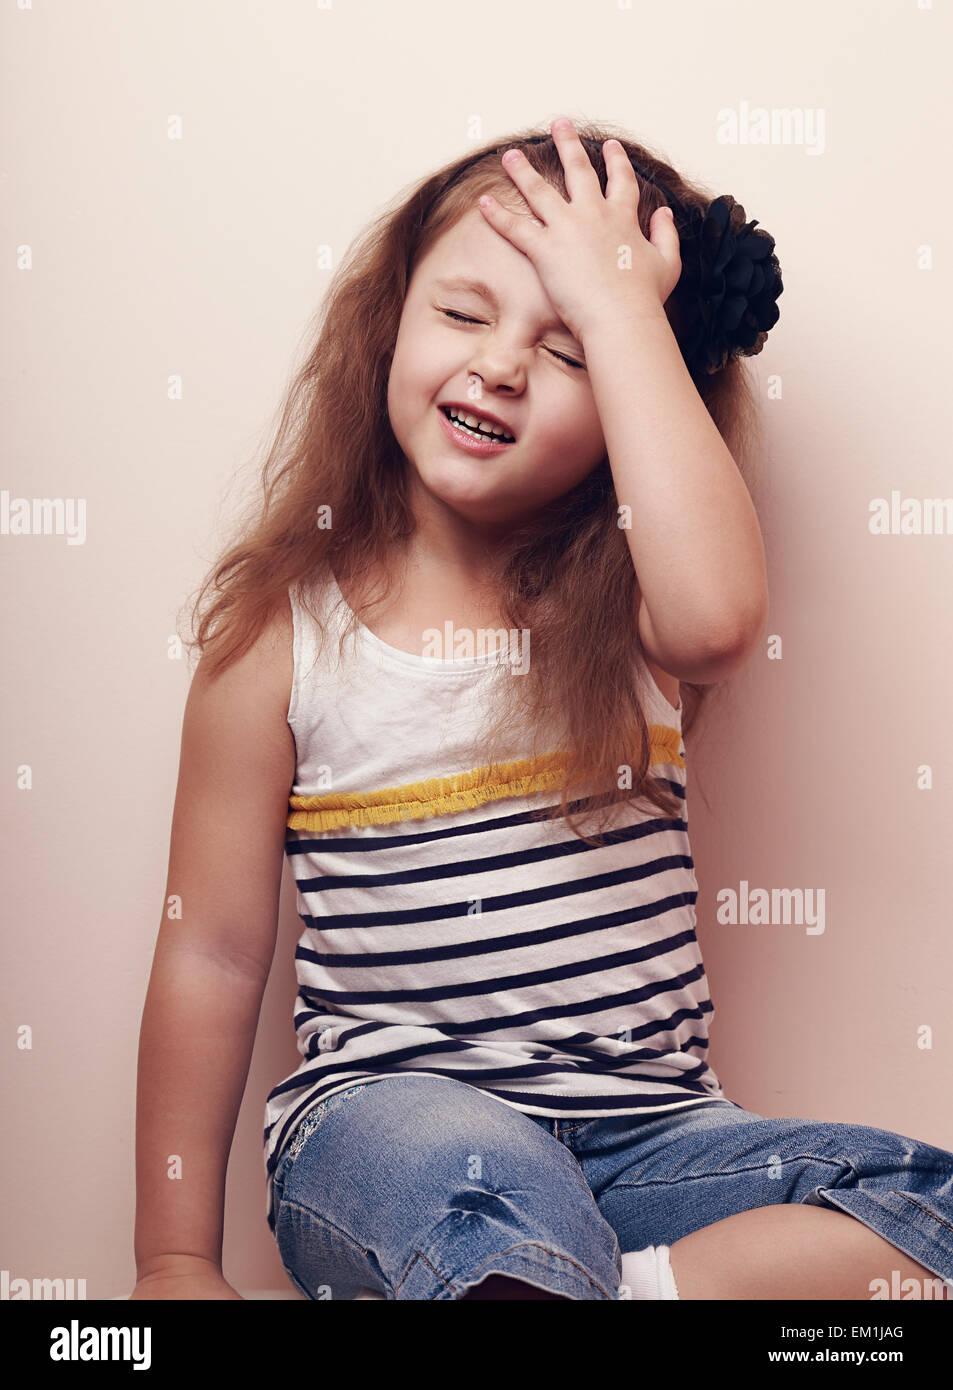 Deluso kid ragazza pensando con la mano sulla testa. Ritratto a colori Immagini Stock